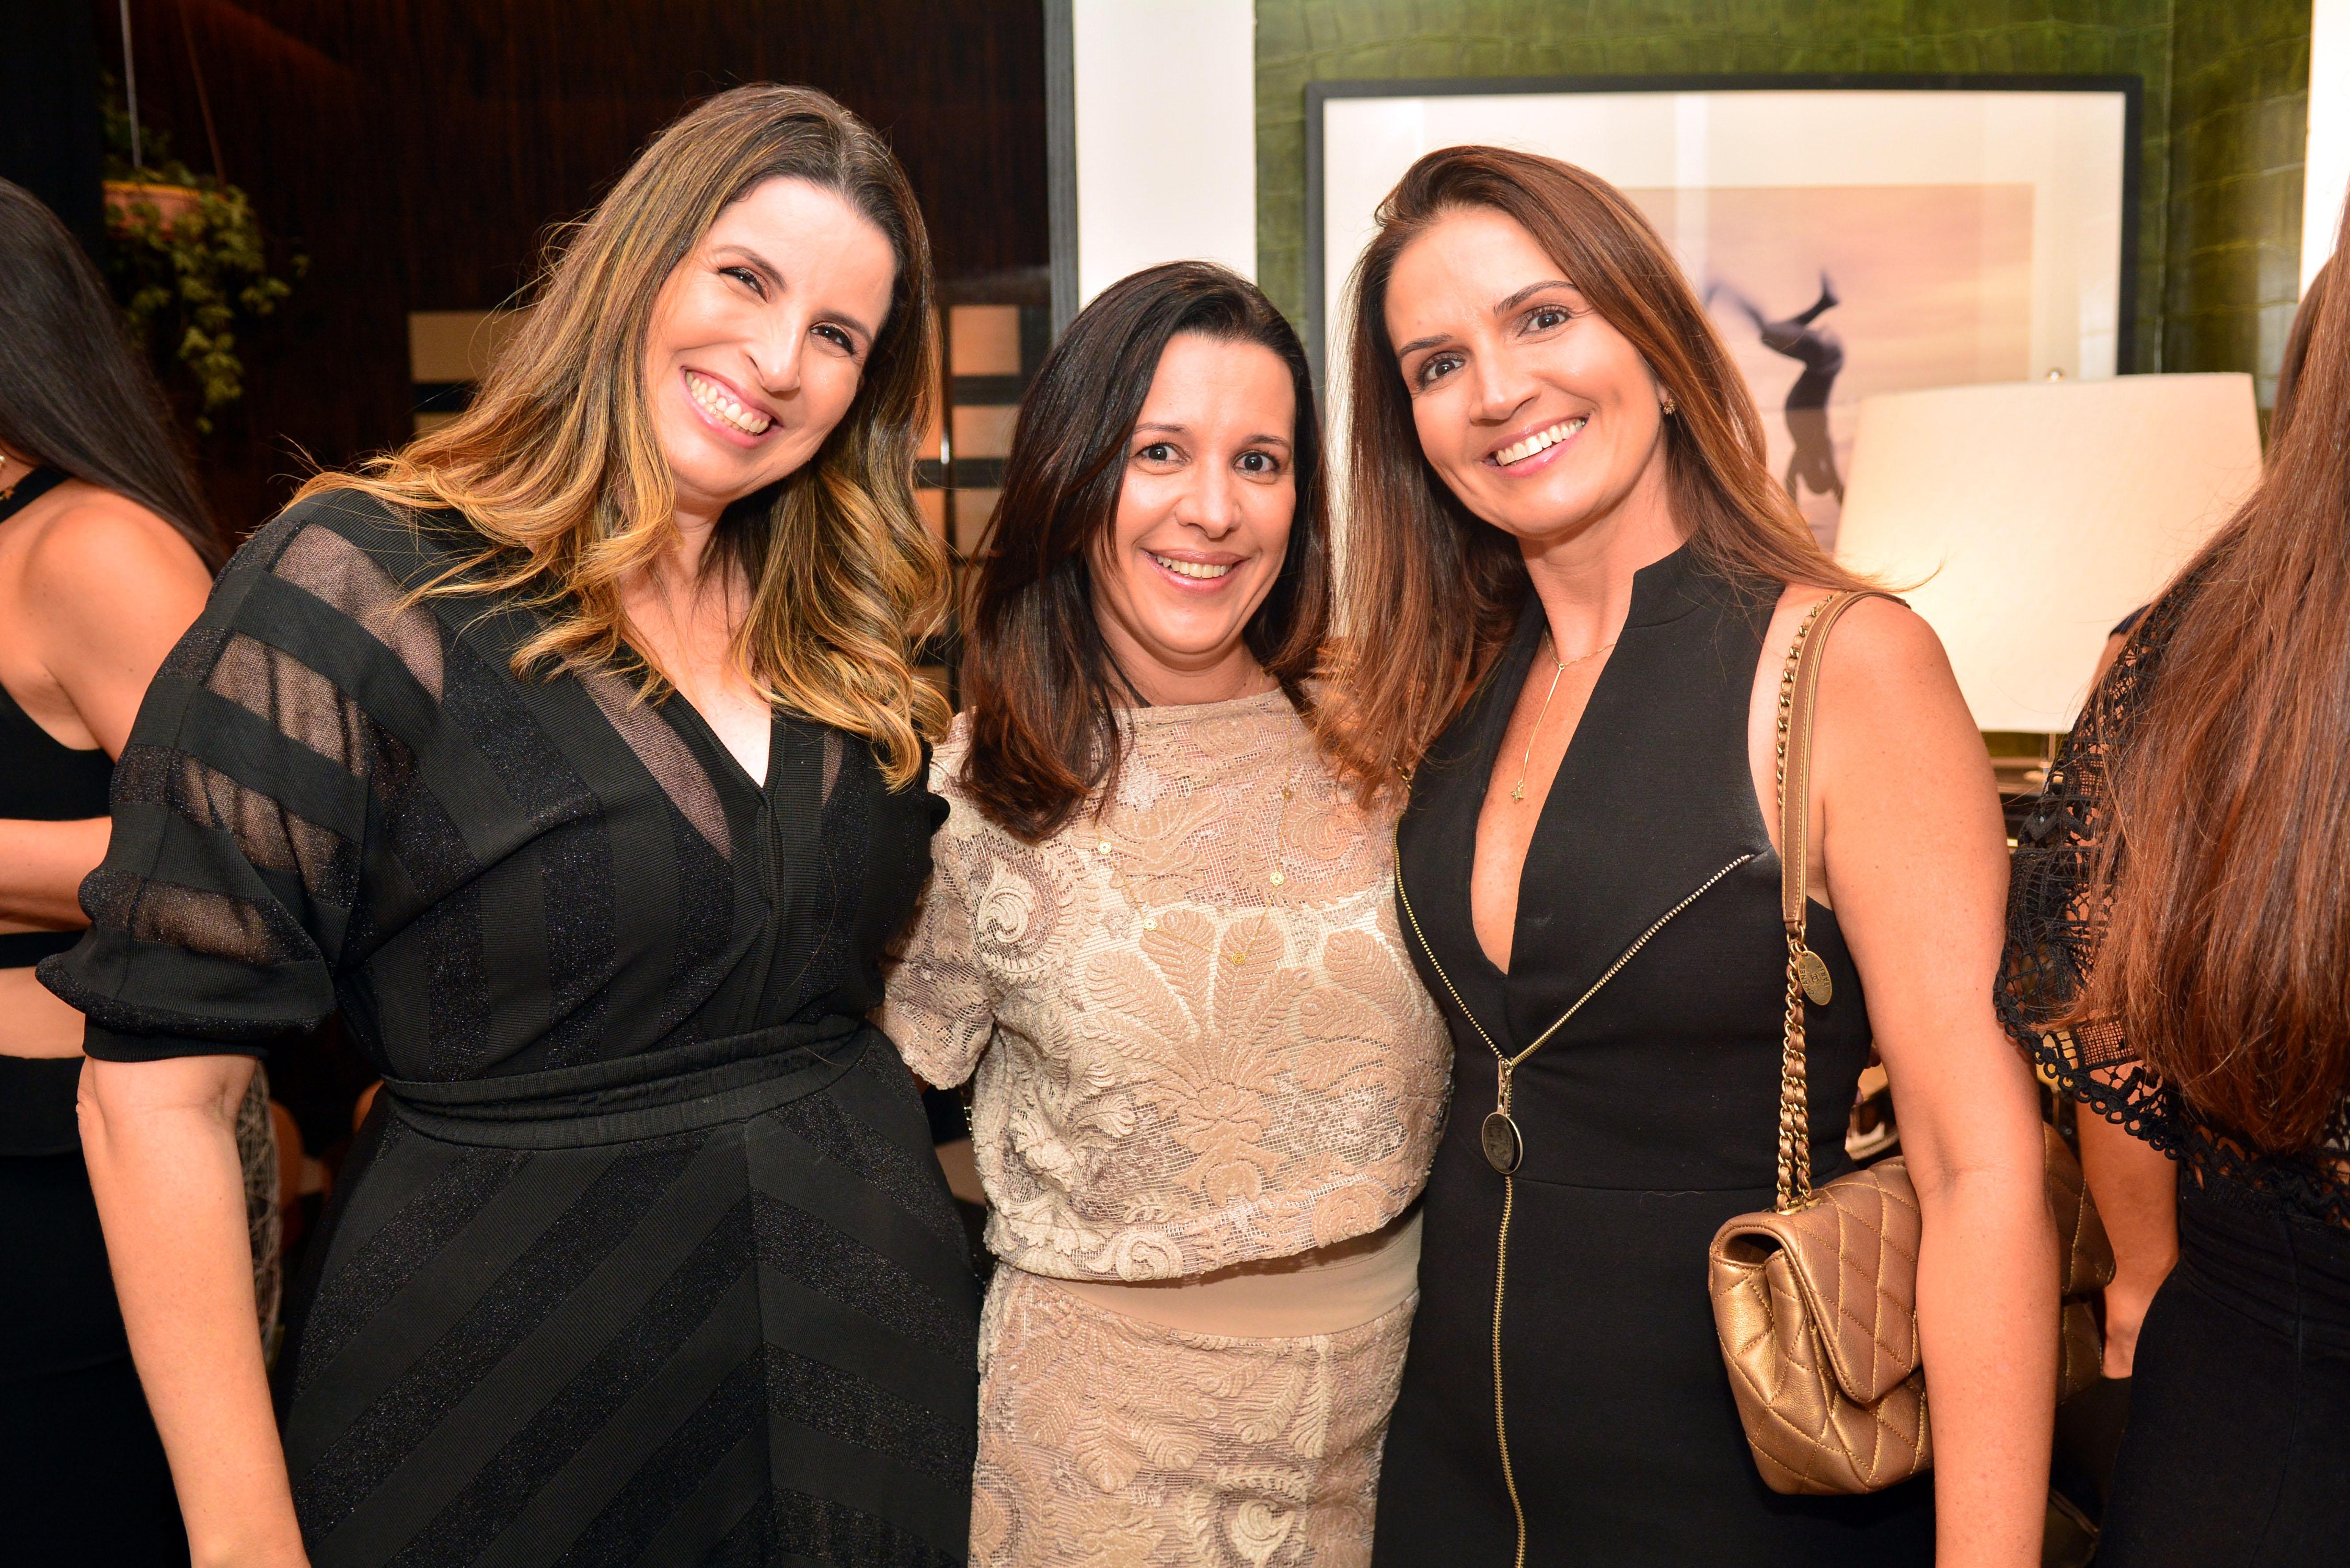 Fernanda Brinço, Flavia Freire e Carla Maciel